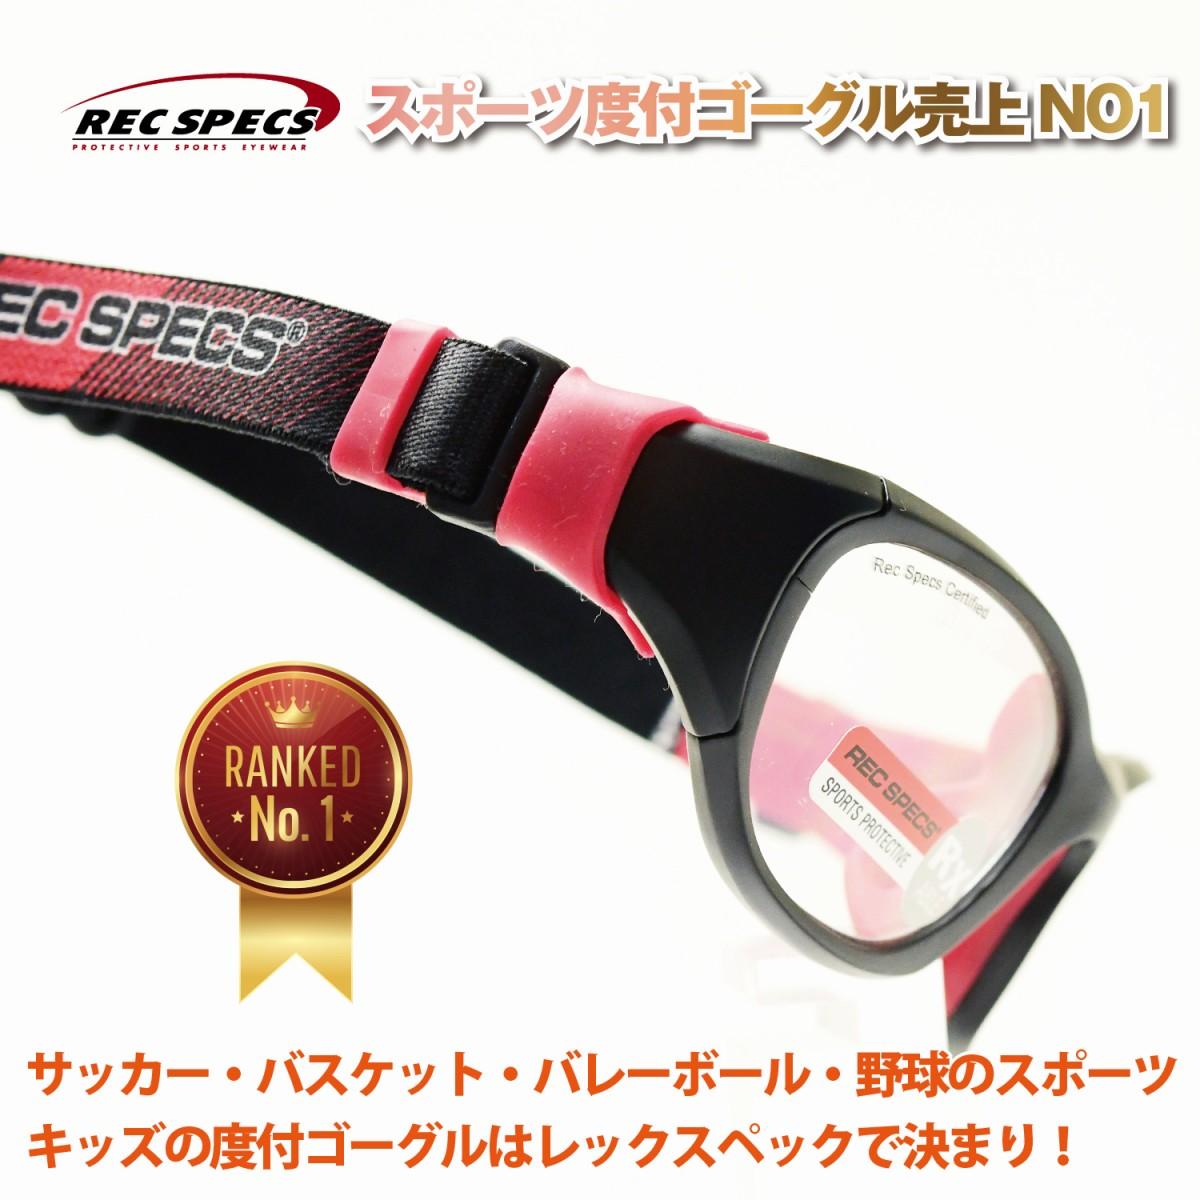 REC SPECS レックスペックスRS51 アジアンフィット 53サイズ・55サイズ